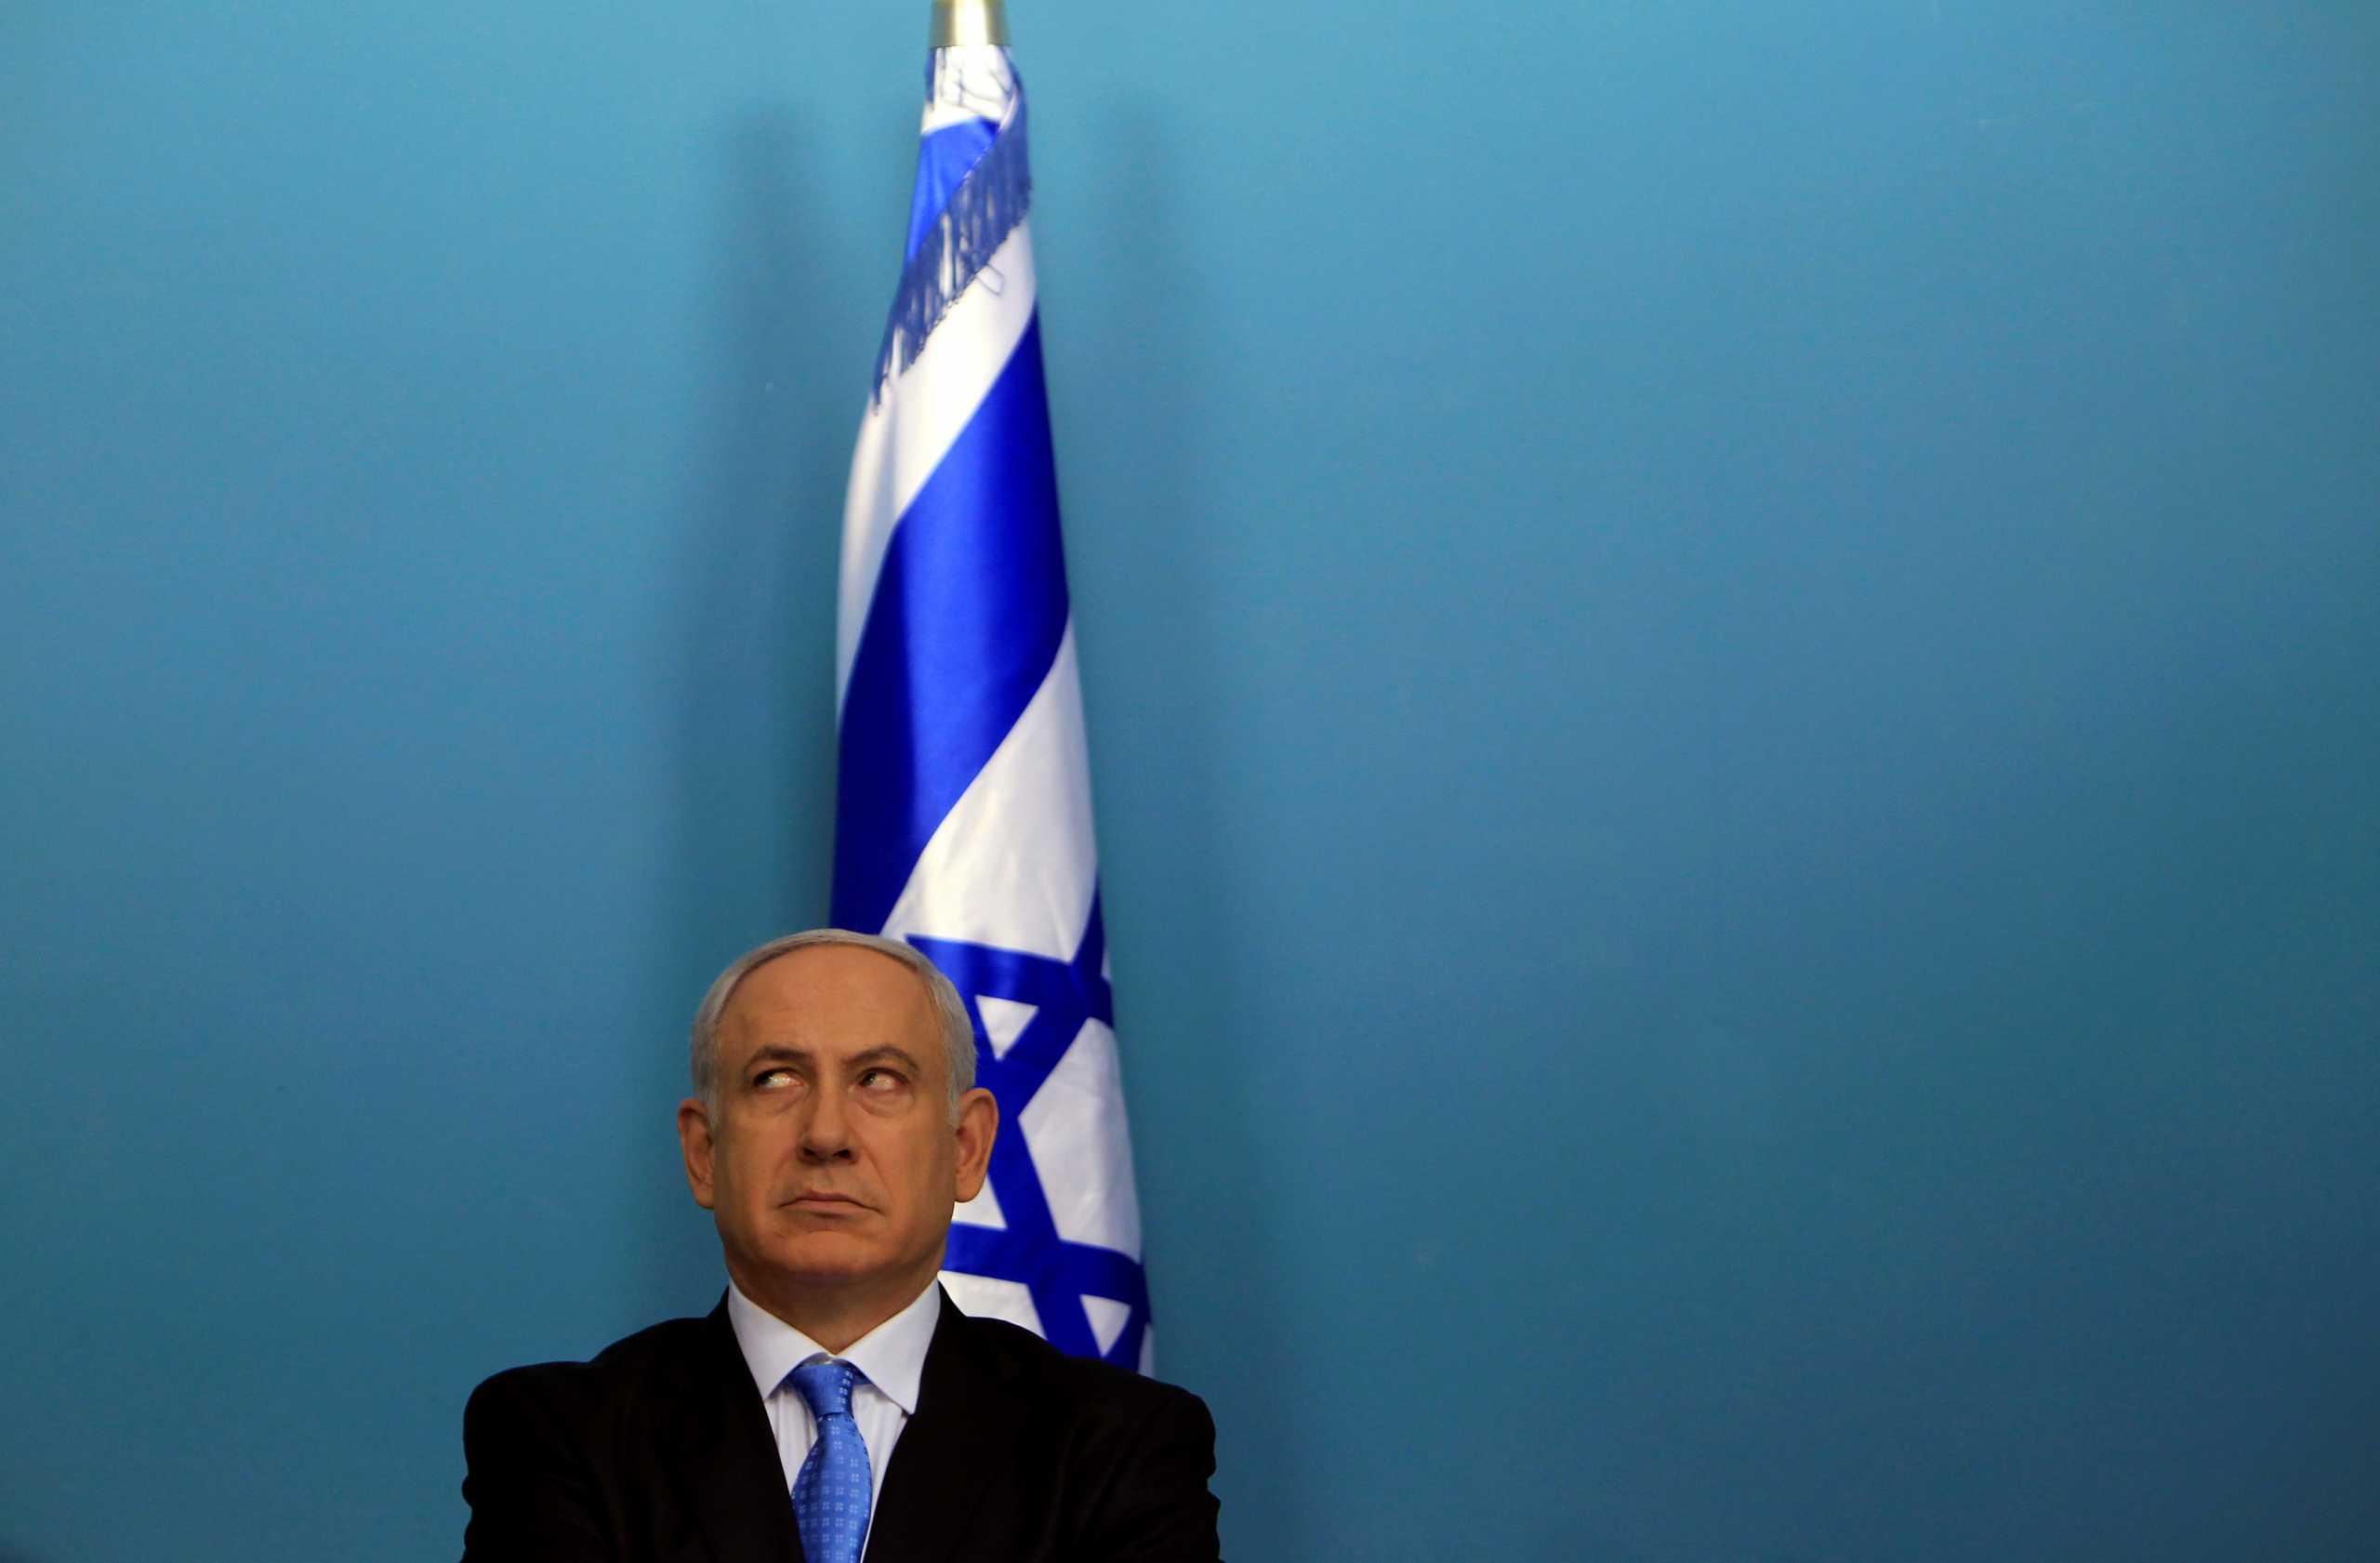 Ισραήλ: Το μεγάλο στοίχημα για τη νέα κυβέρνηση – Δεν καταθέτει τα όπλα ο Νετανιάχου